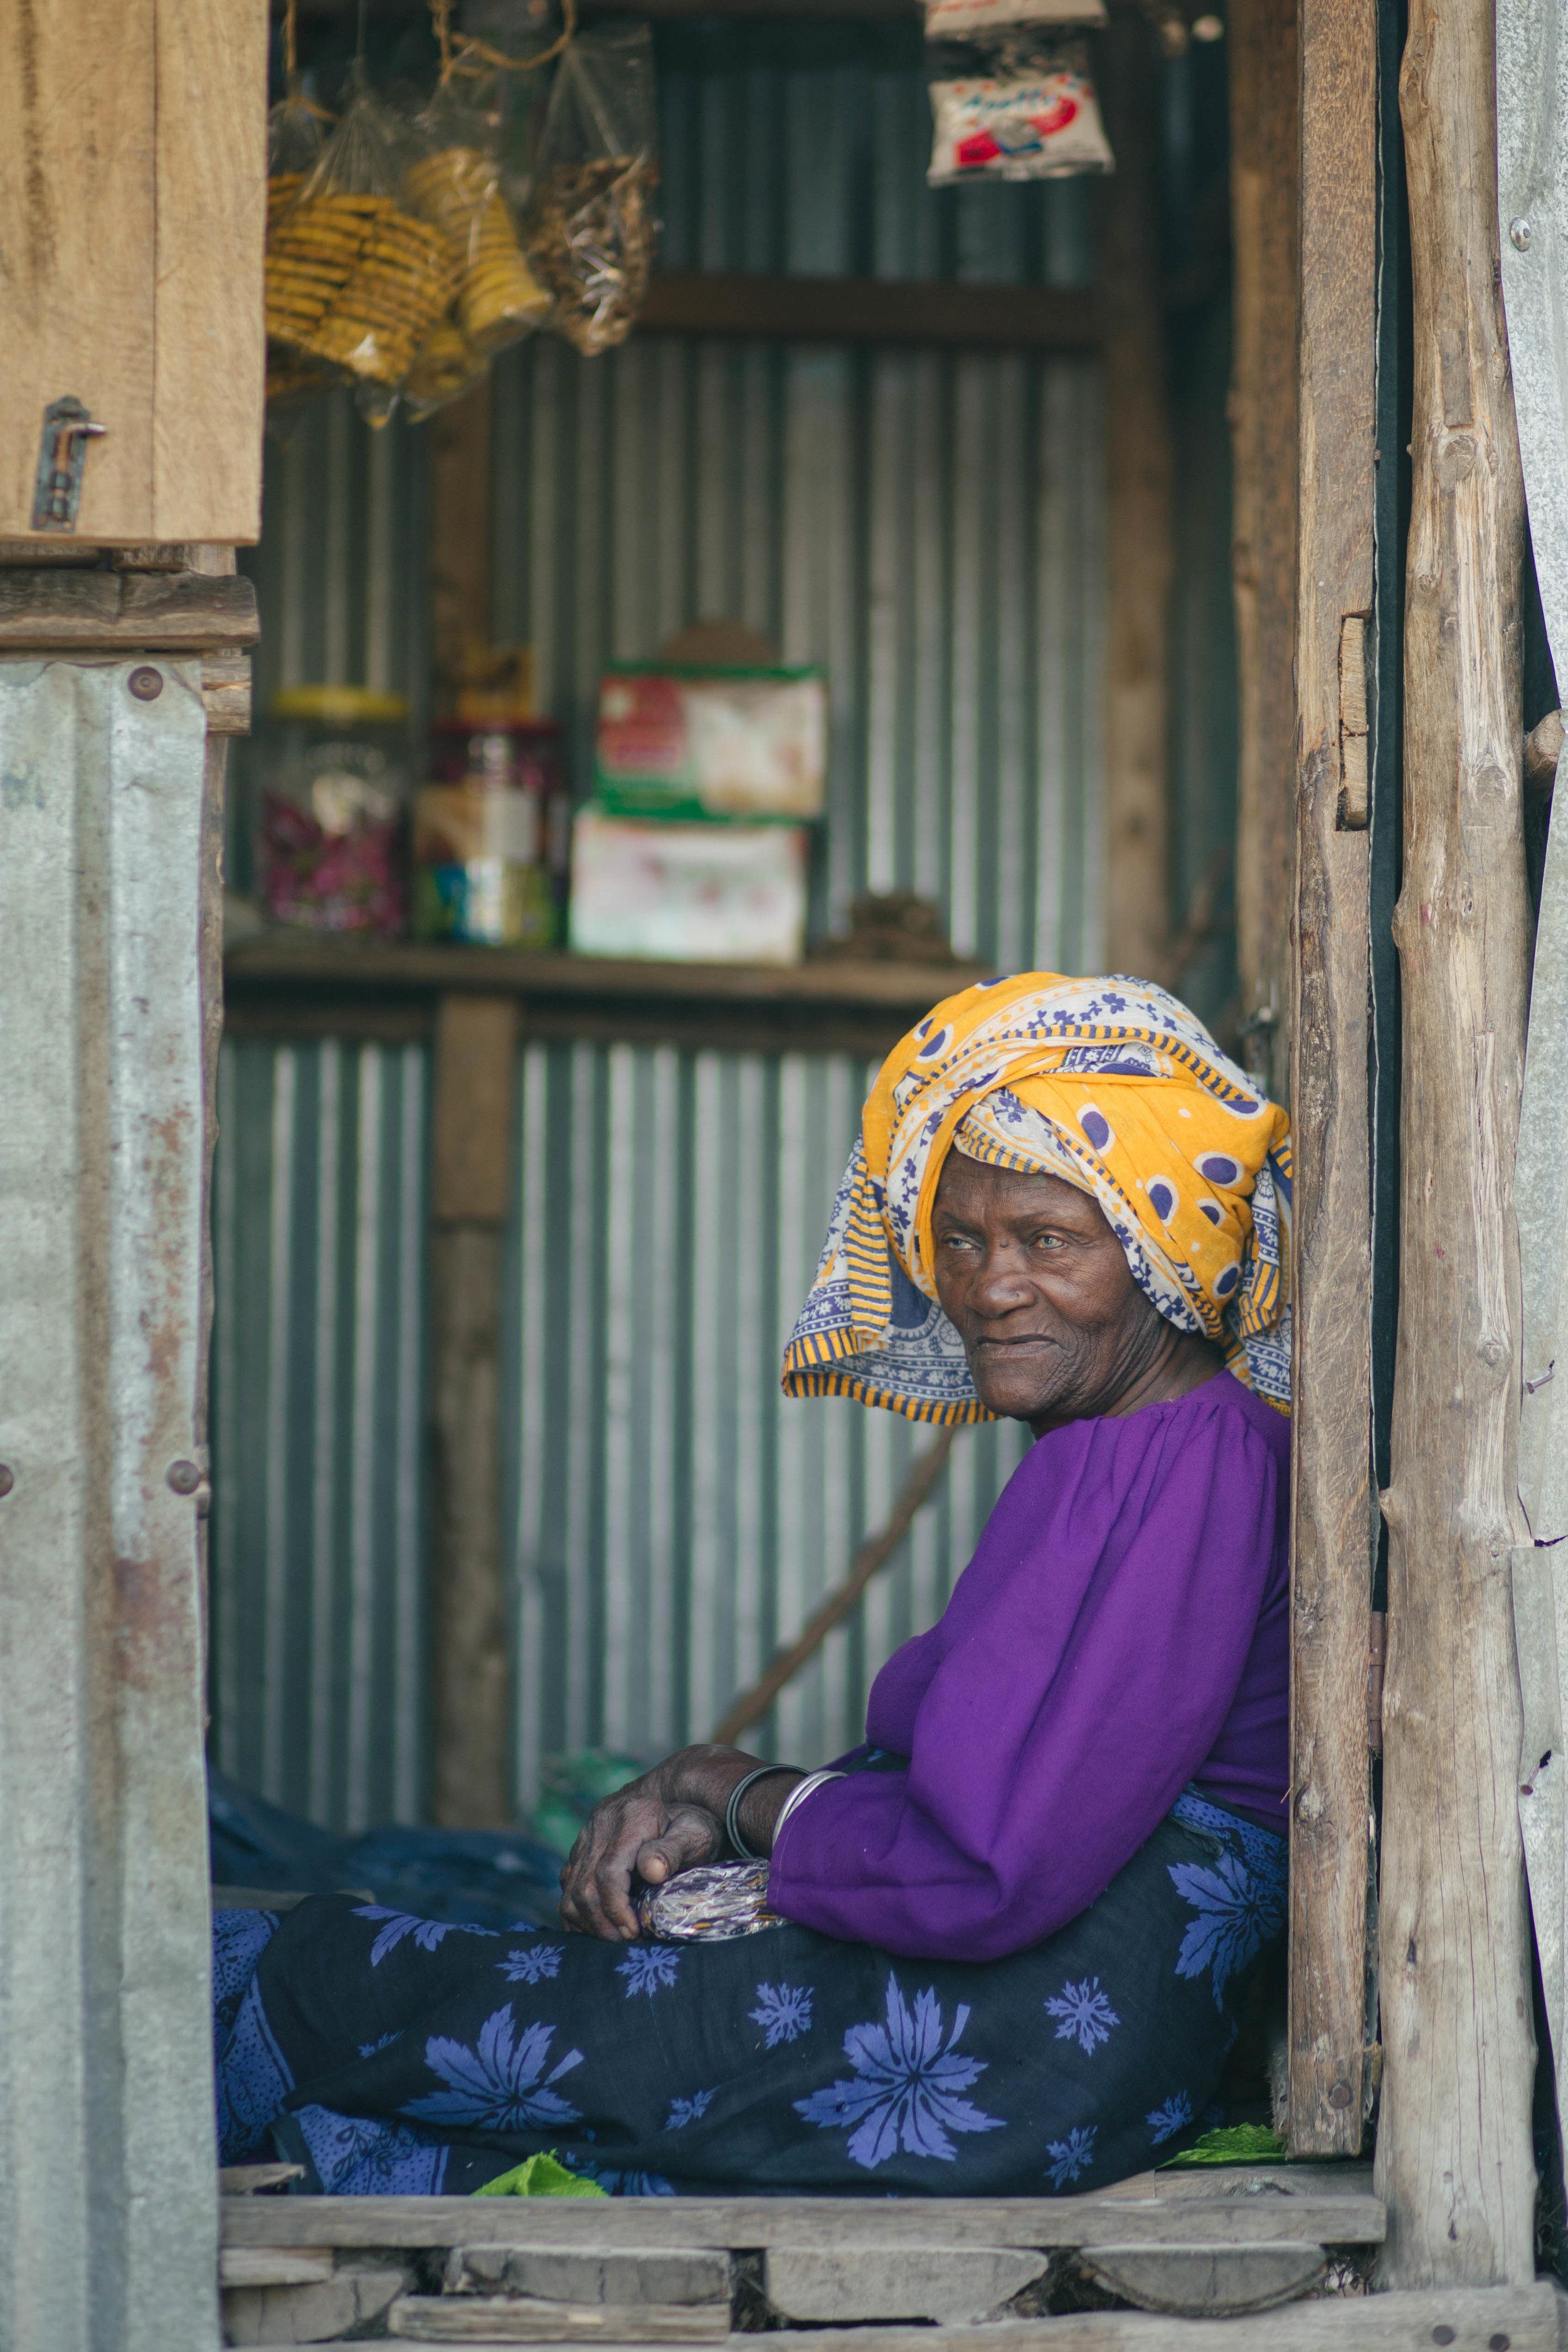 Muna_Ally_Zanzibar (9 of 10).jpg